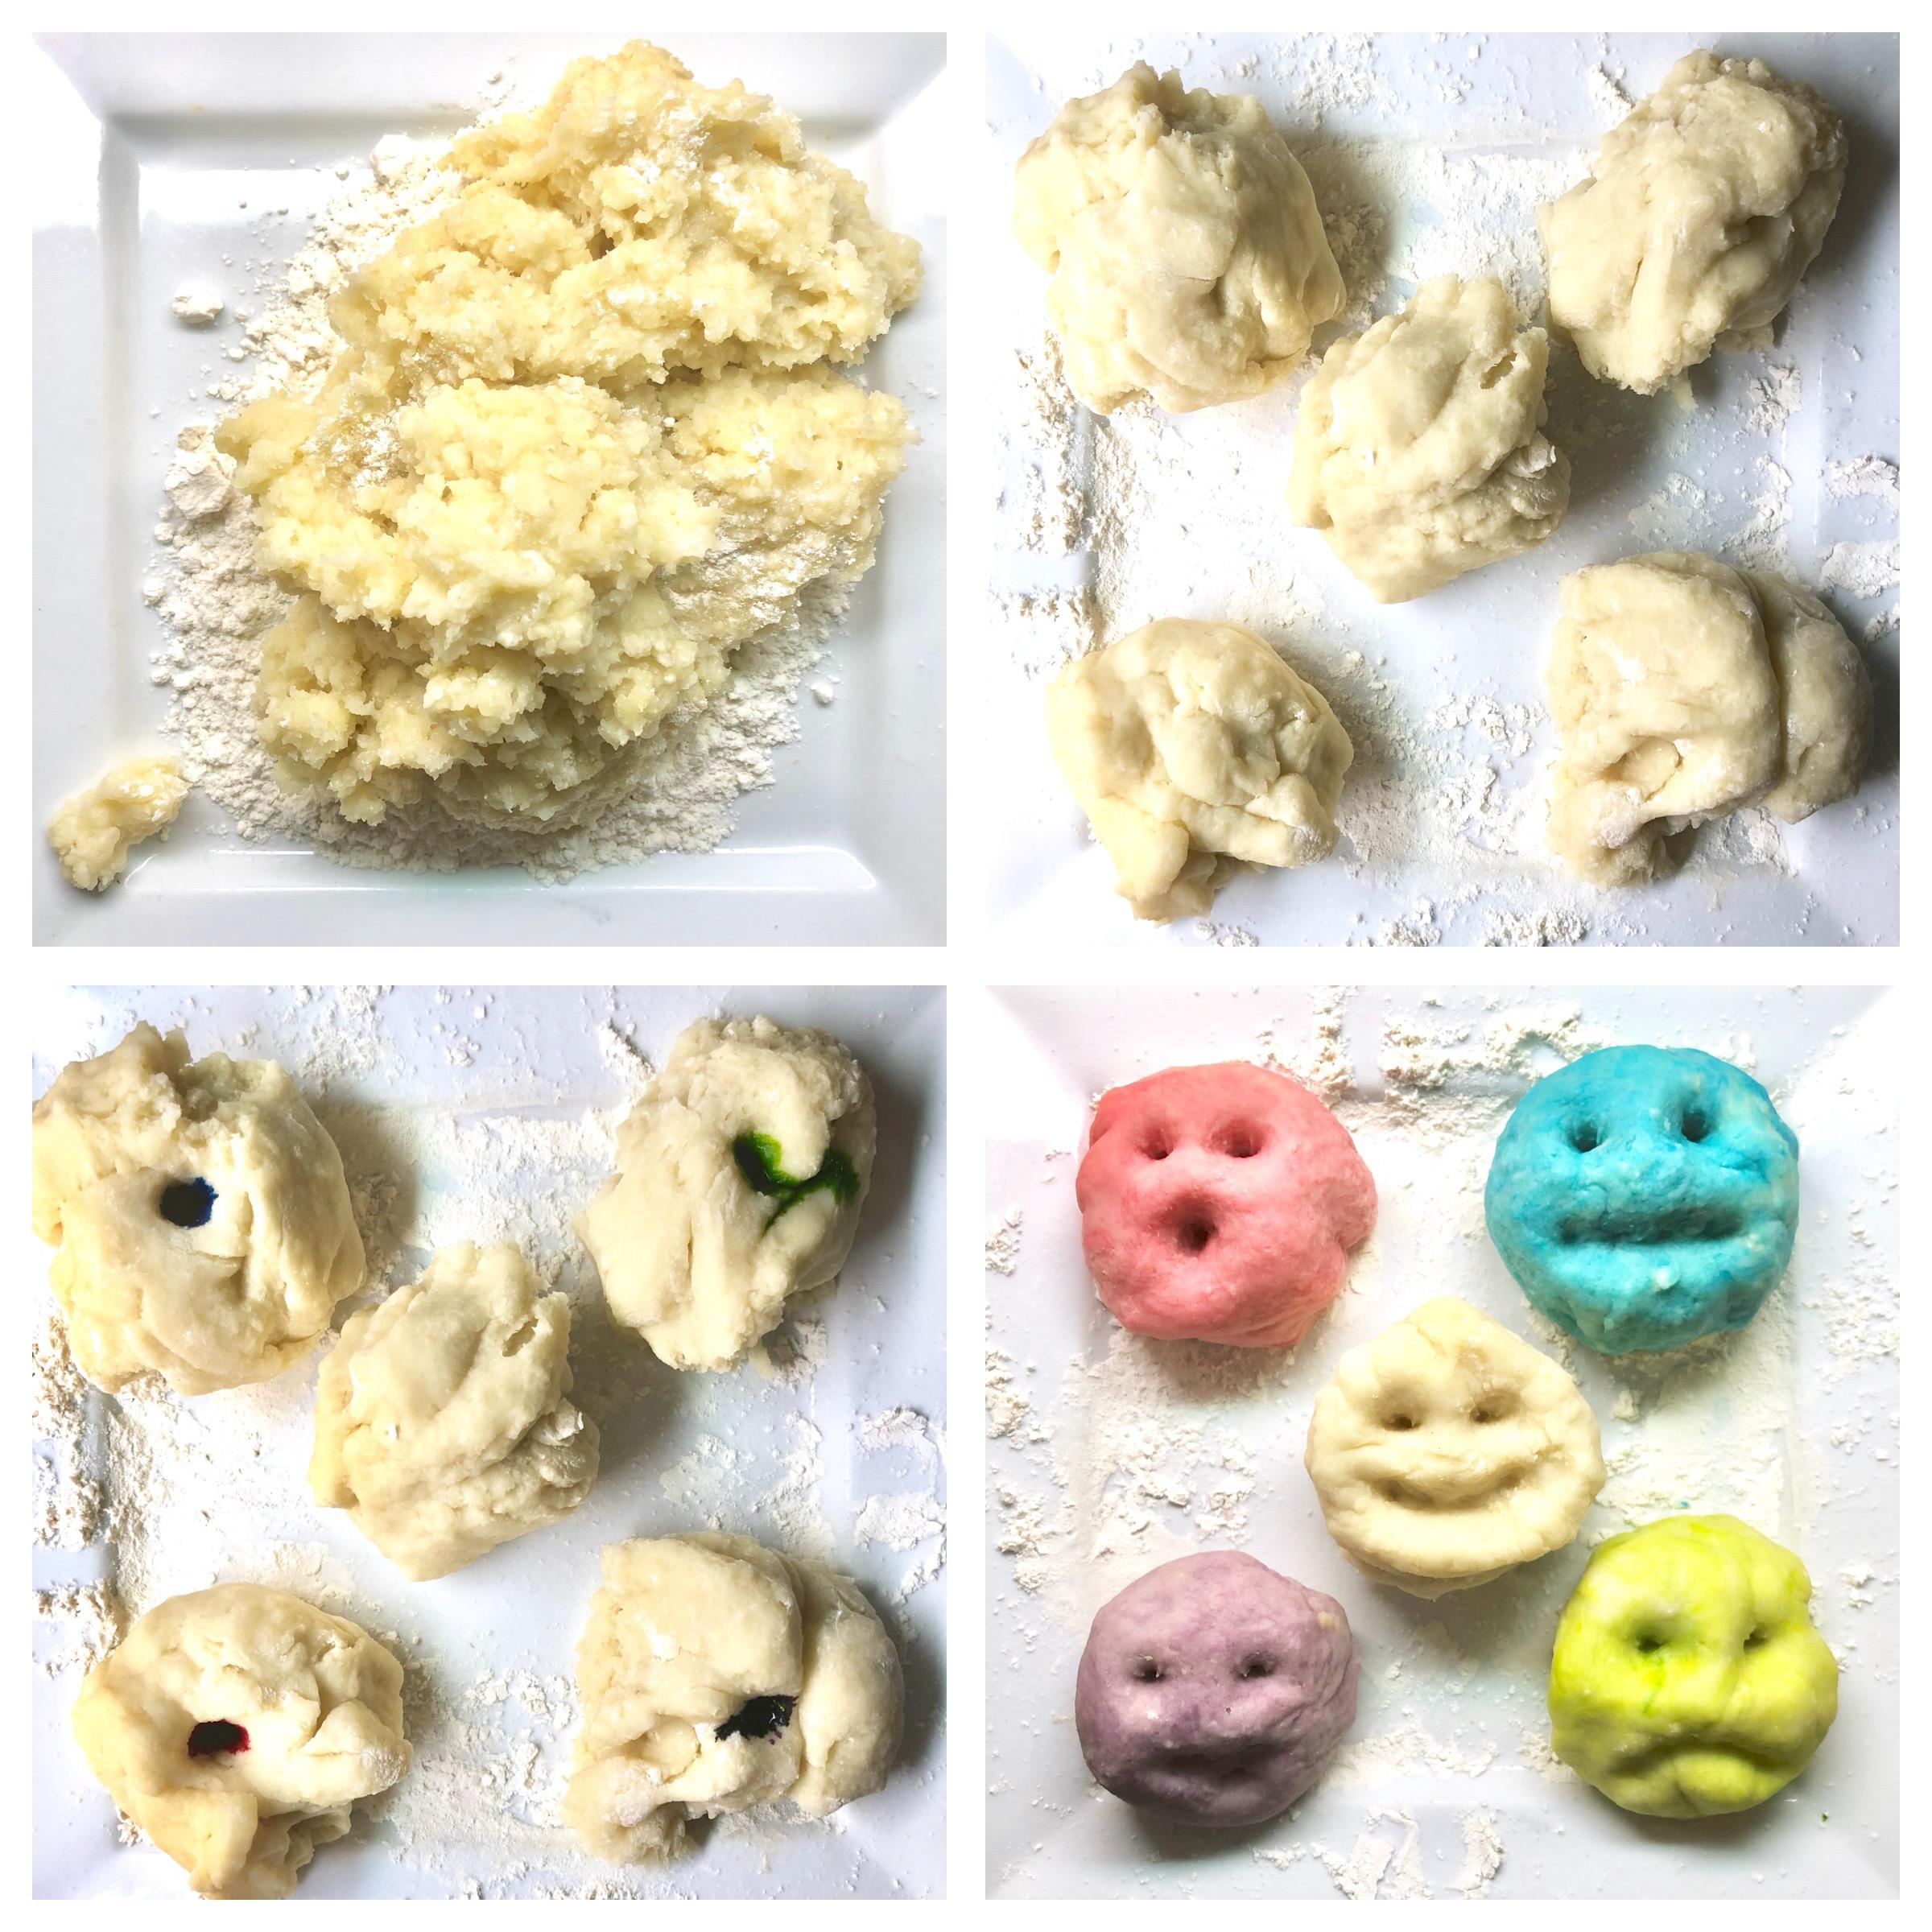 TOP recette de pâte à modeler maison naturelle et non-toxique - à conserver et même offrir en cadeau! #fête #noël #cadeau #activités #enfants #toutpetits #playdough